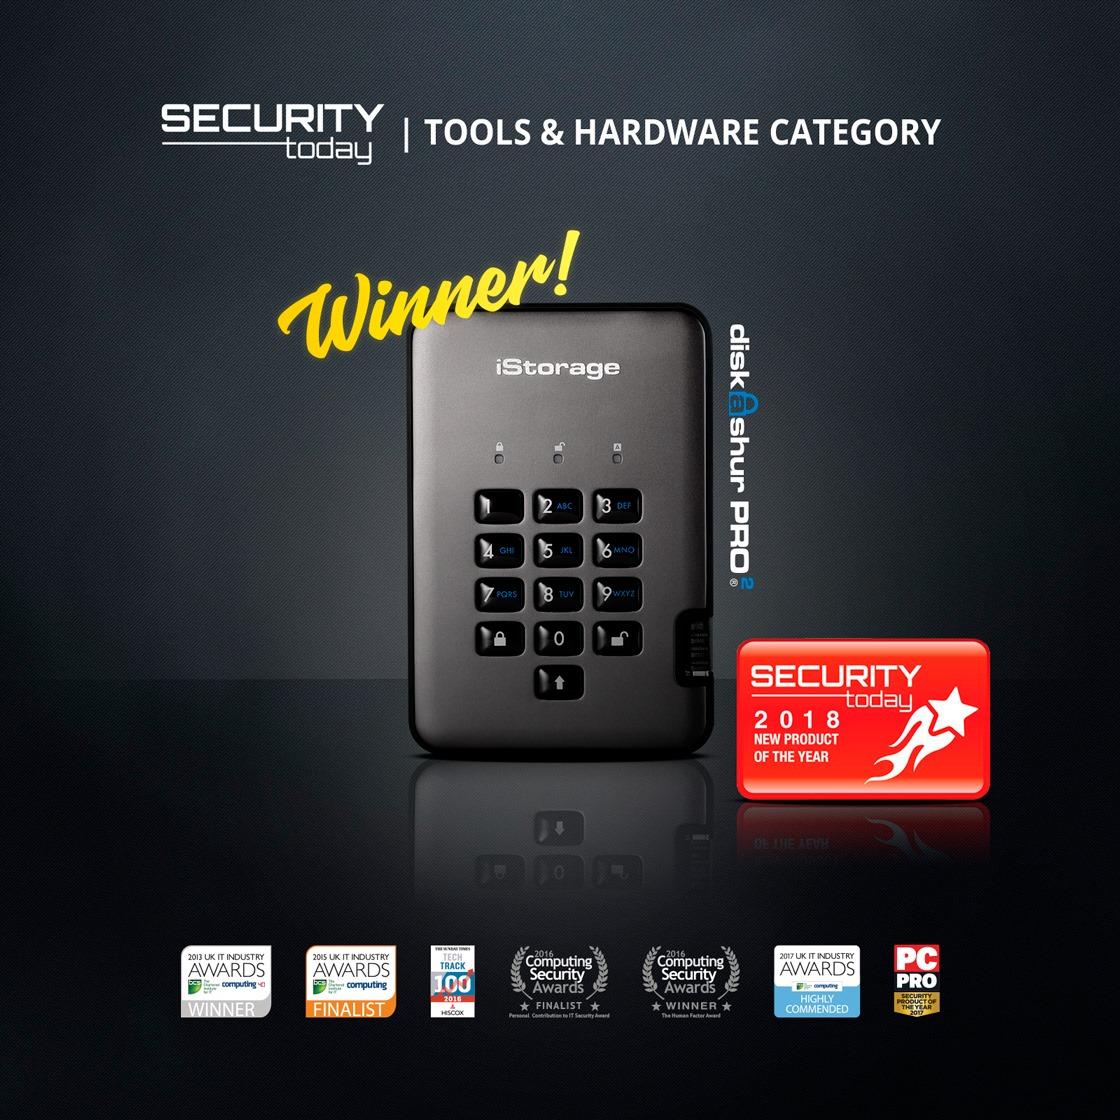 Vítěz ceny Nový produkt roku 2018